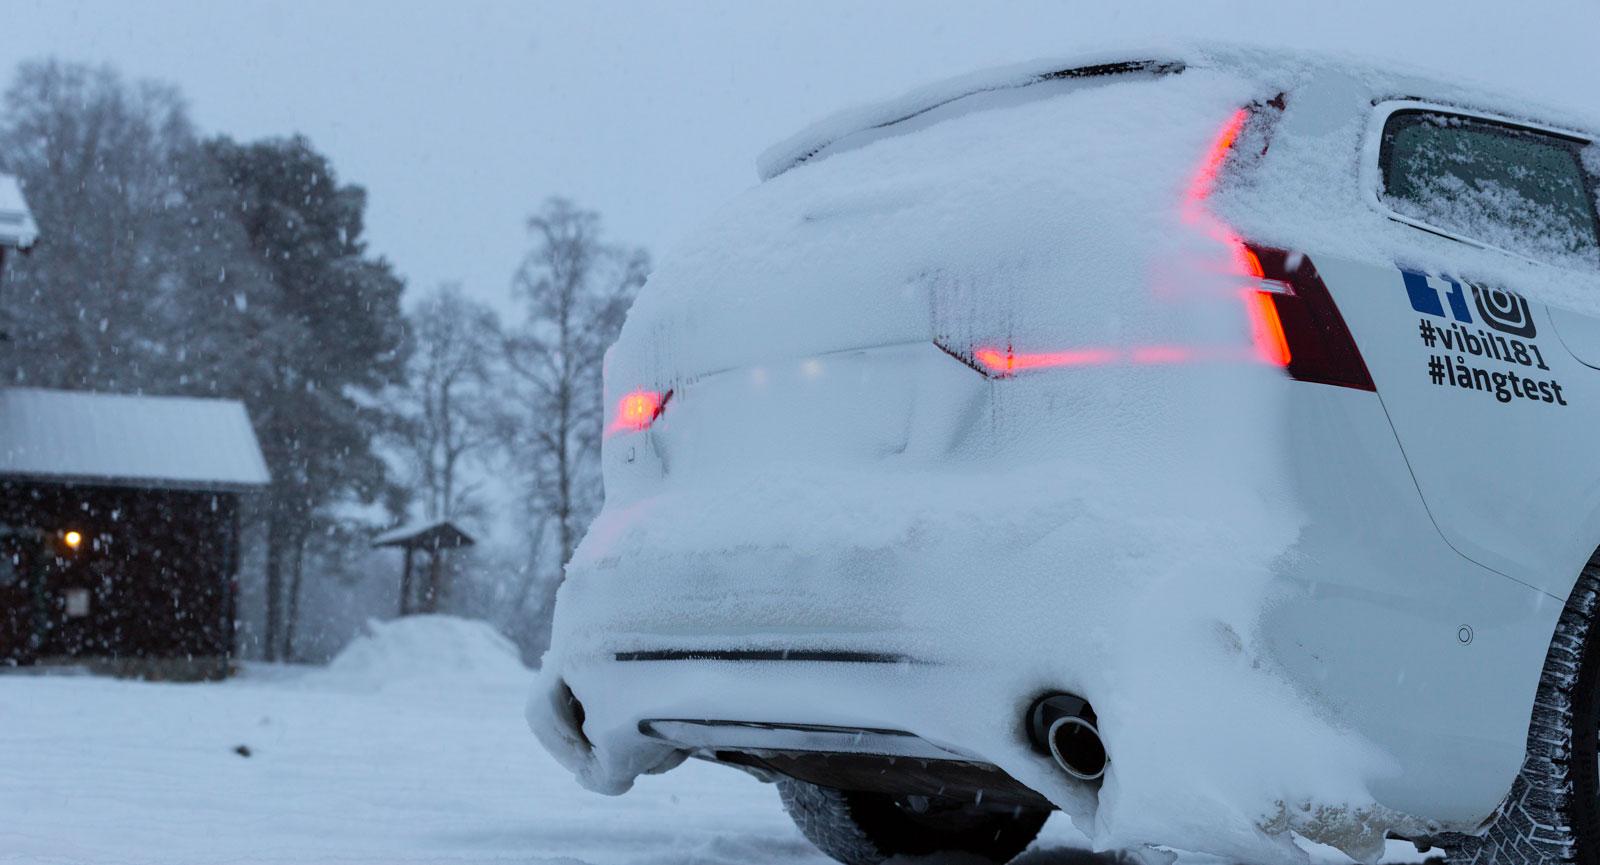 Snörök är ett gissel för bakåtsikten och för att synas bakåt, här den igengrodda Volvo. Bara Dacia Duster klarade sig med hyfsat rent bakparti.